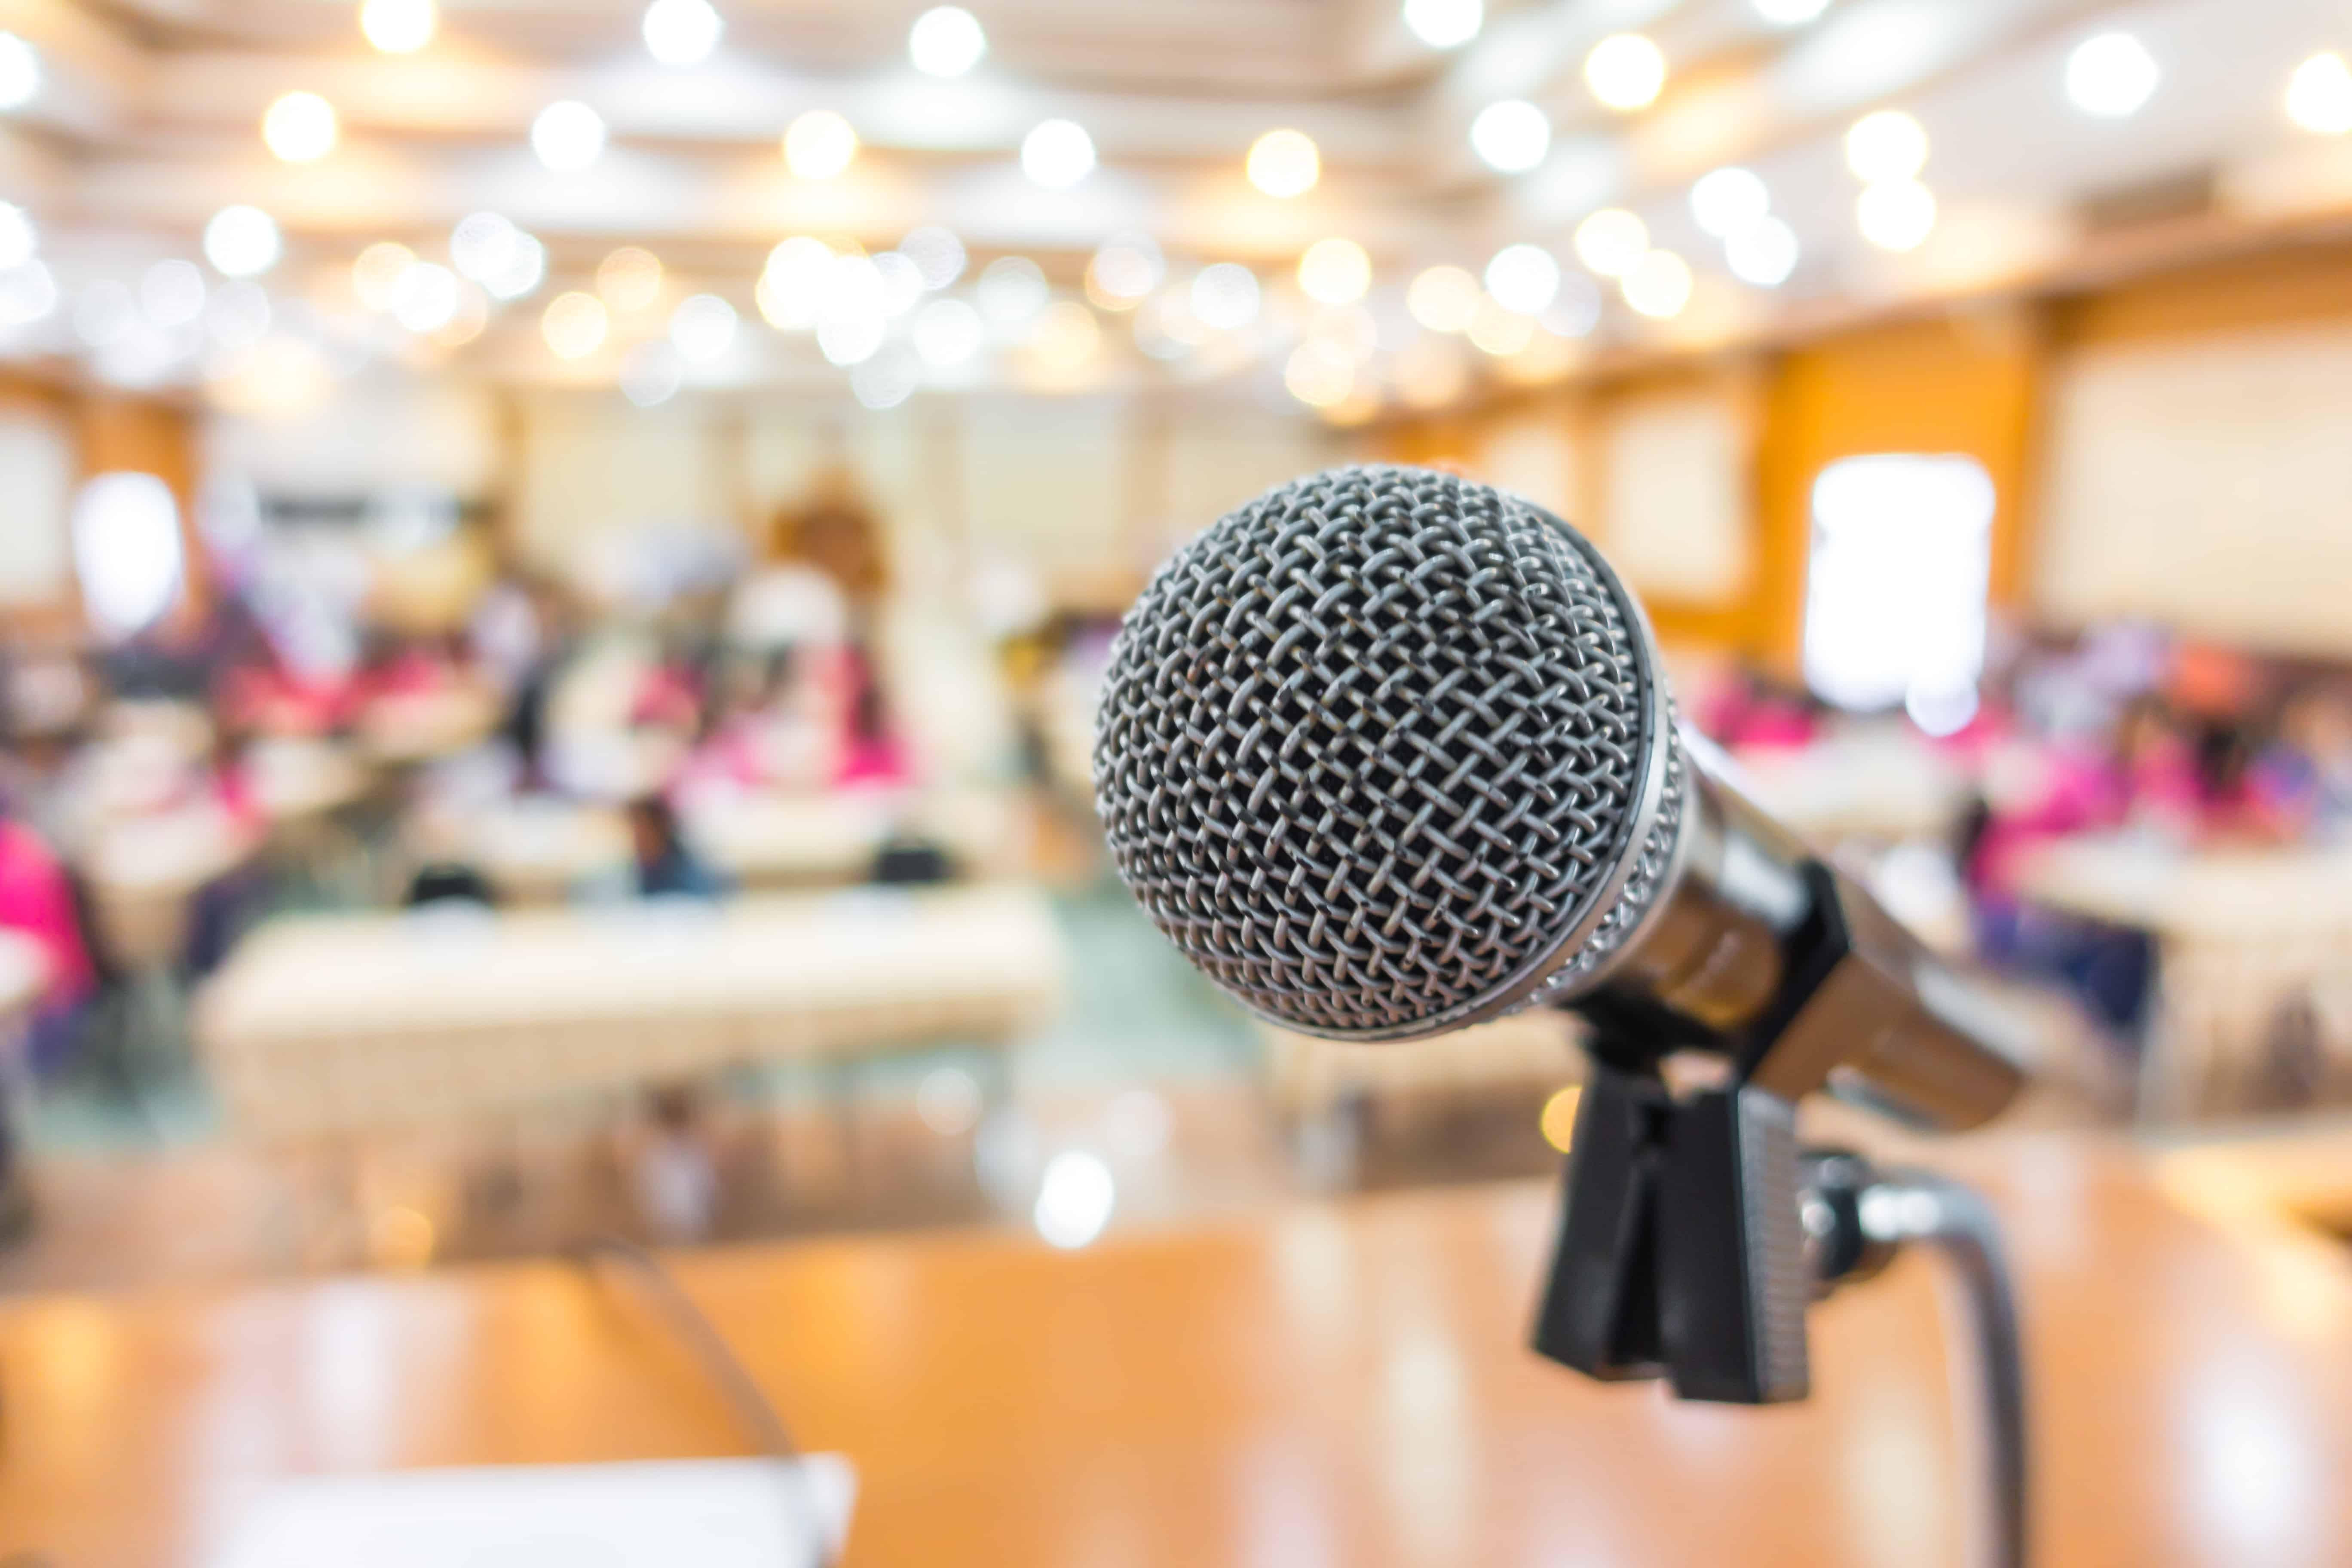 Центр компетенций НТИ «Технологии беспроводной связи и интернета вещей» при Сколтехе (ЦК НТИ БСИВ) и технический комитет 194 «Кибер-физические системы» (ТК 194) приглашают экспертов телеком-отрасли на семинар по открытому стандарту…